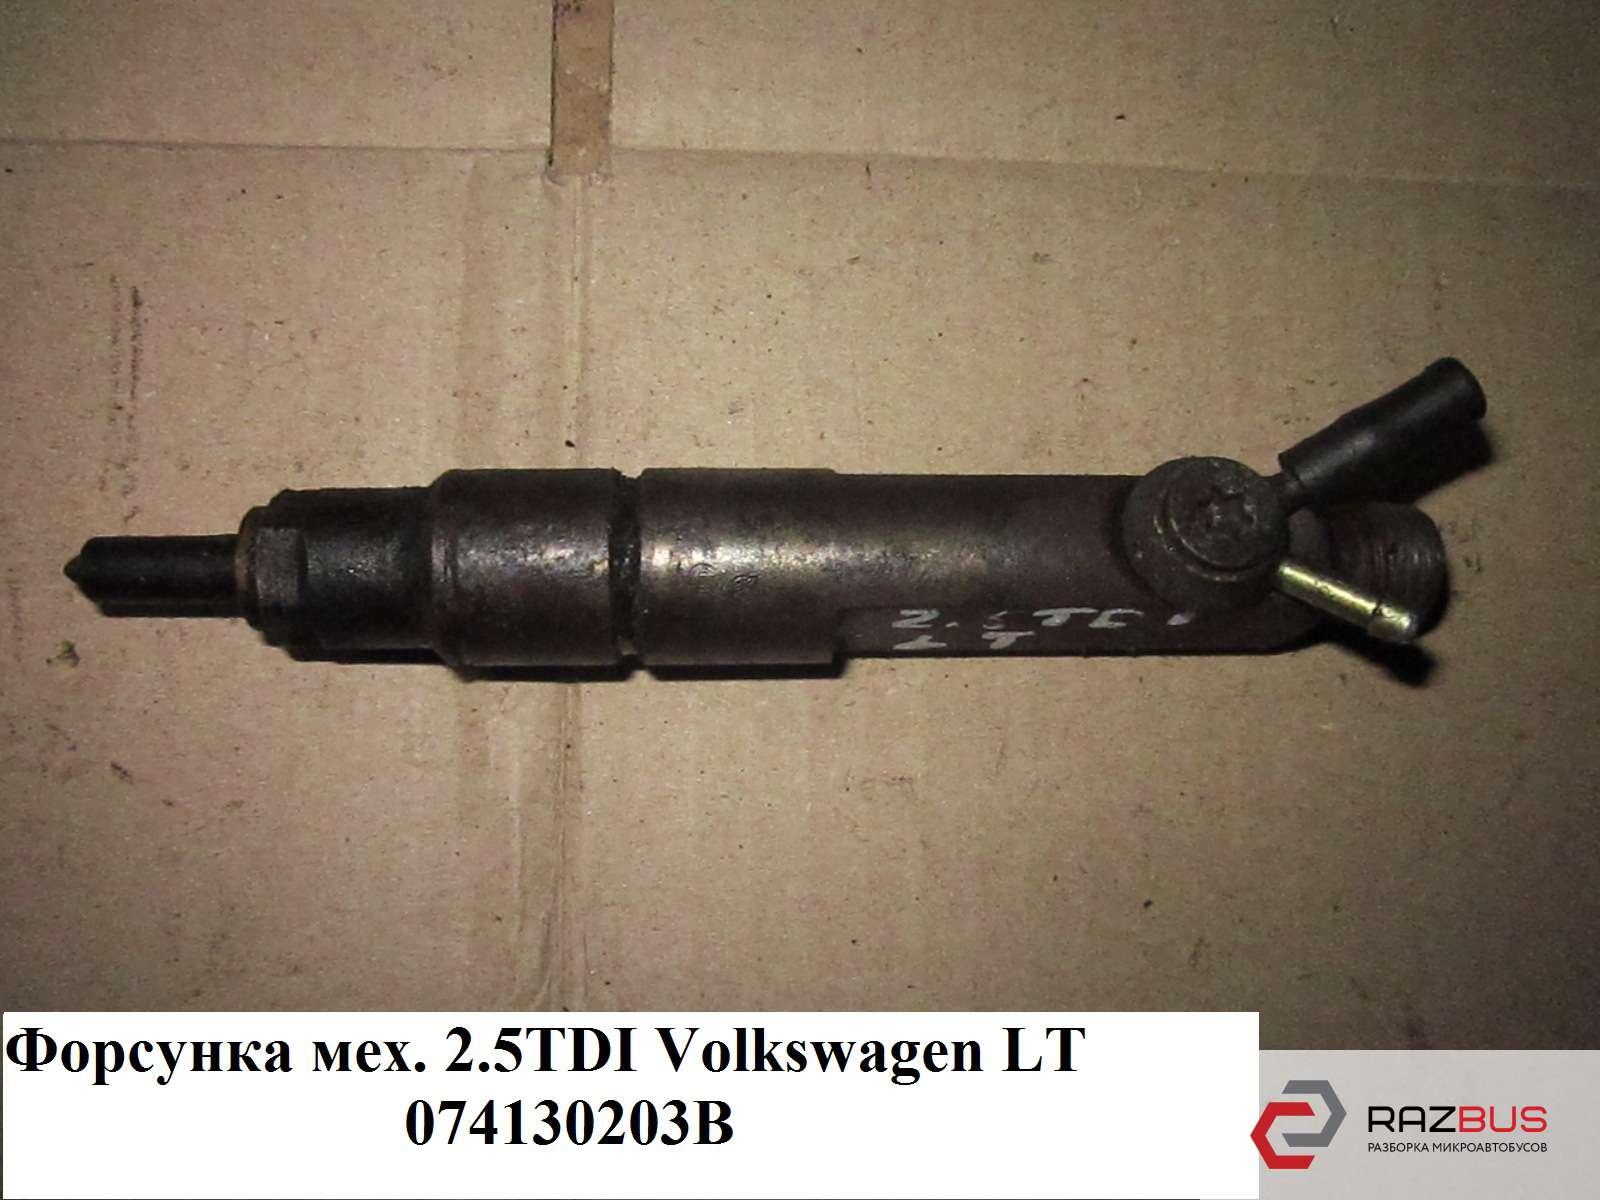 074130203B Форсунка механическая 2.5TDI VOLKSWAGEN LT 28-55 1996-2006г